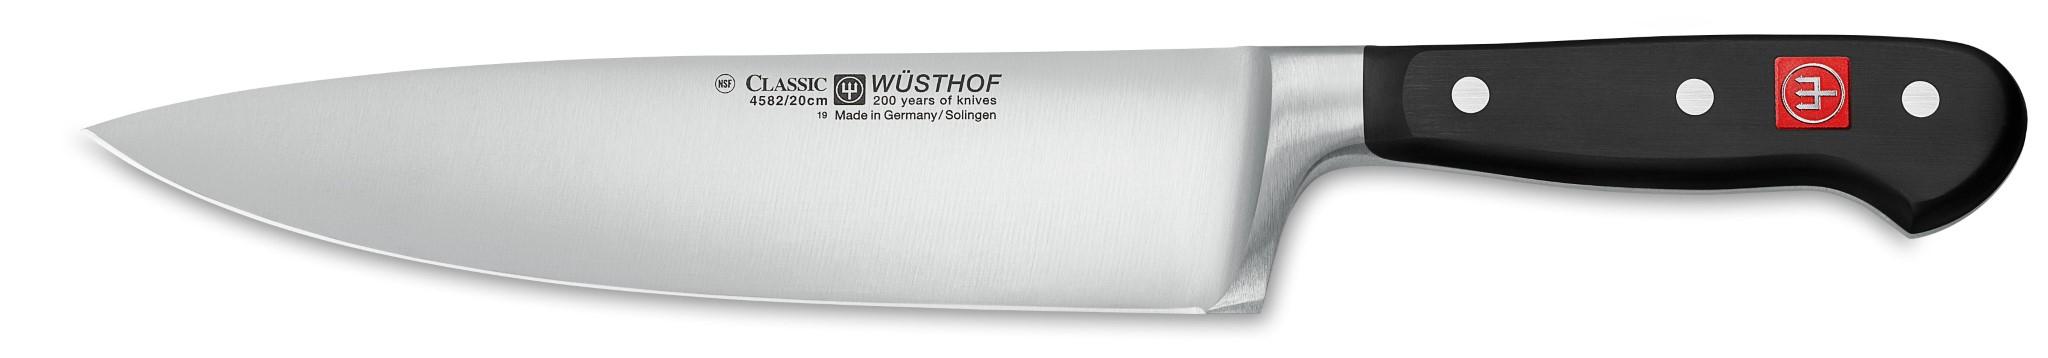 Wüsthof Altes Messer Design